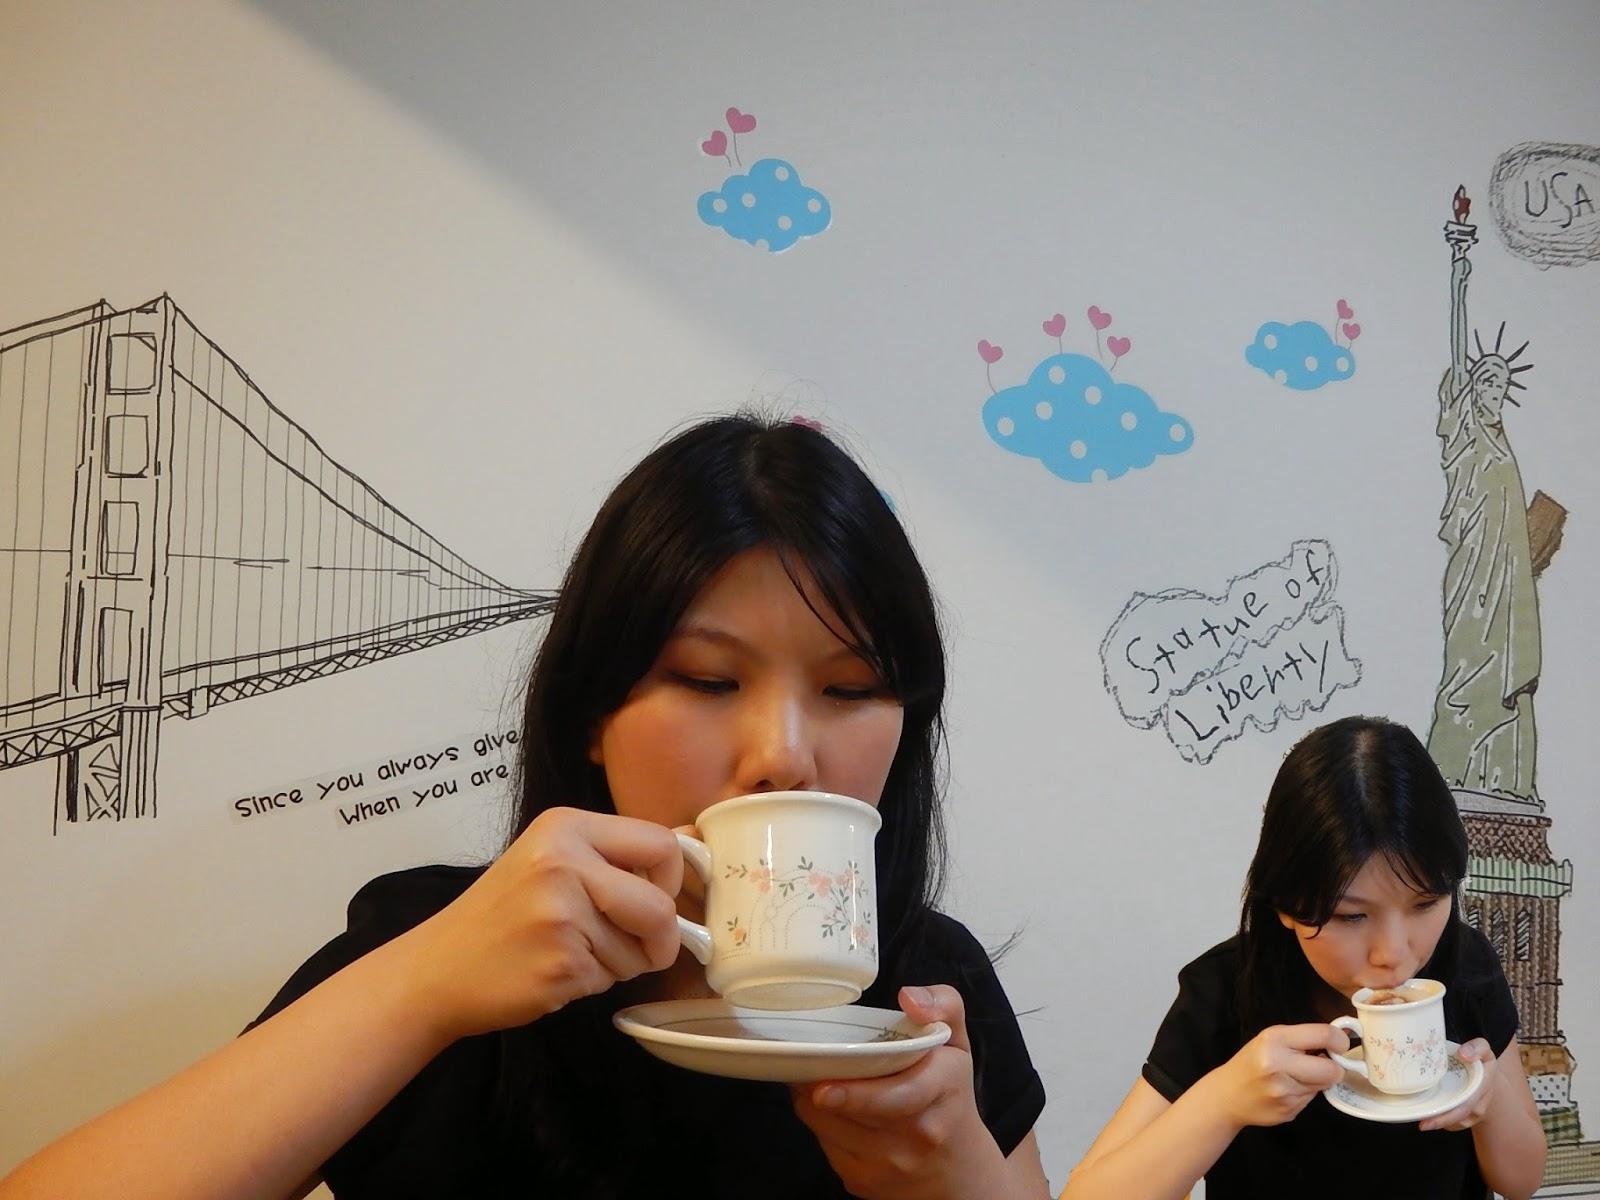 >> 自製早晨/午後小浪漫*雀巢咖啡® 極品意大利泡沫咖啡 NESCAFÉ® PREMIUM CAPPUCCINO